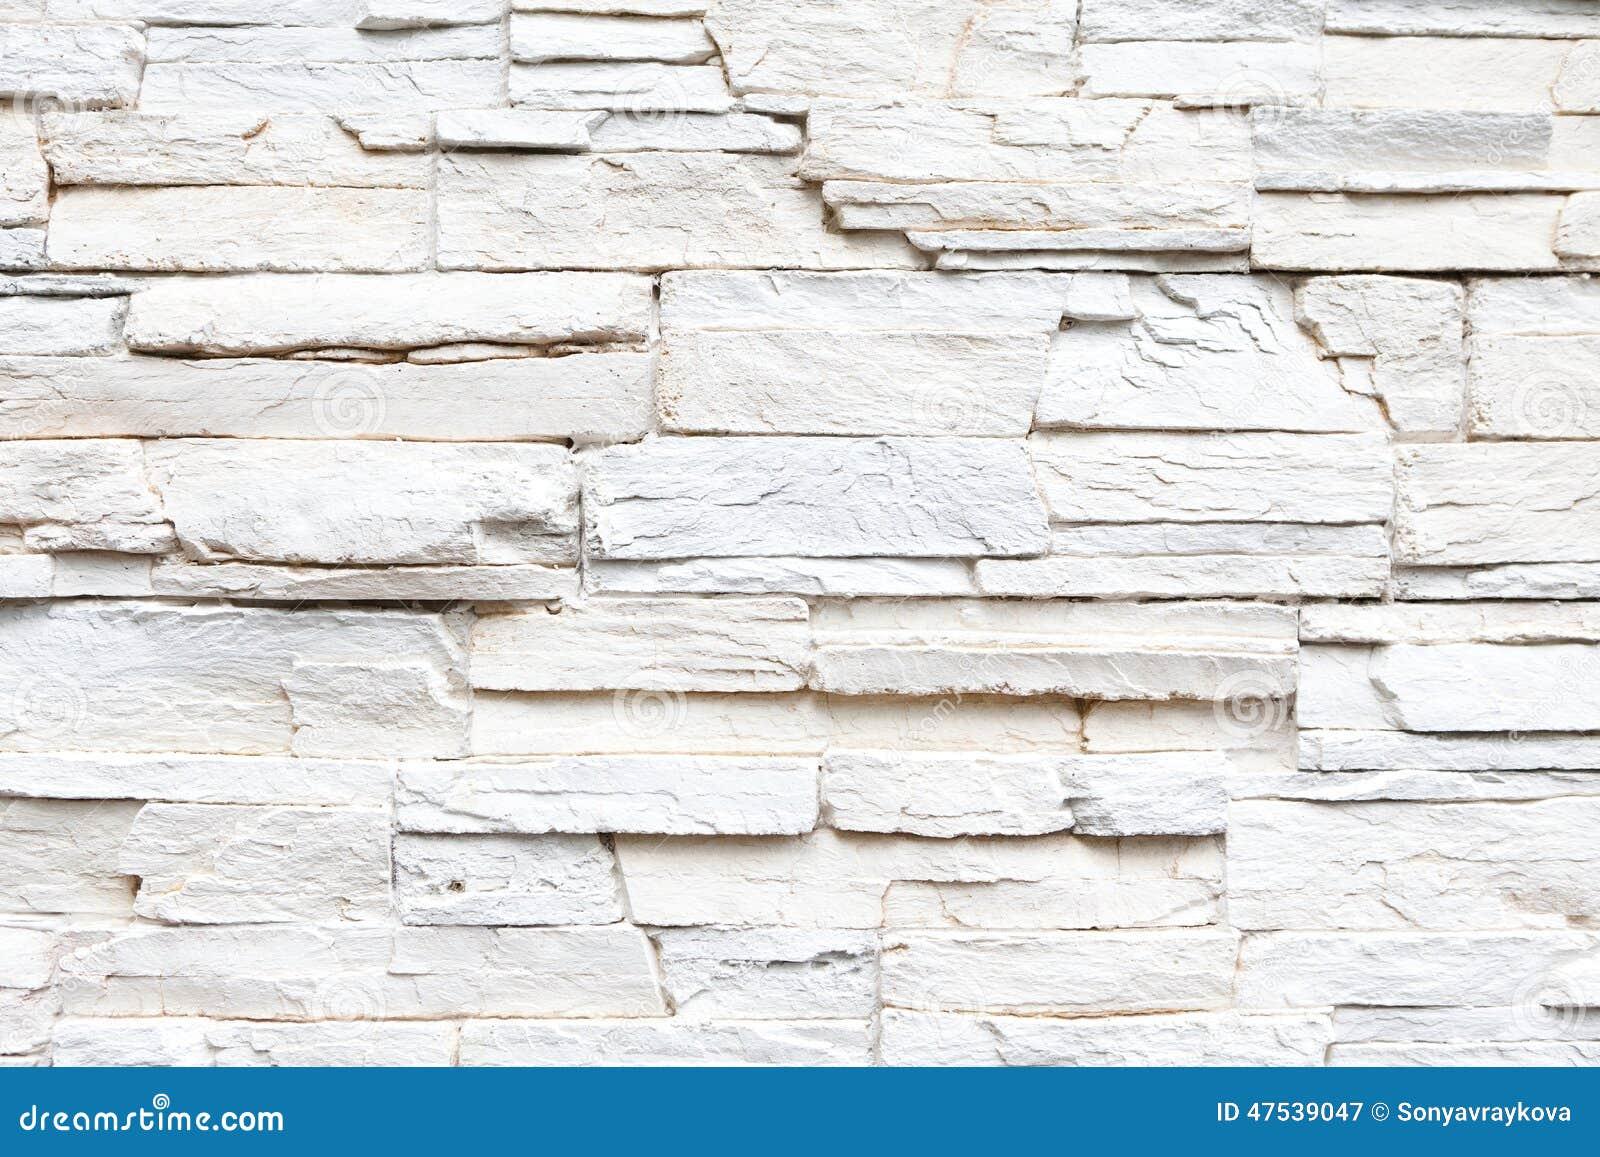 Weiße Steinwand weiß geschnittene steinwand stockbild - bild von hindernis, wand